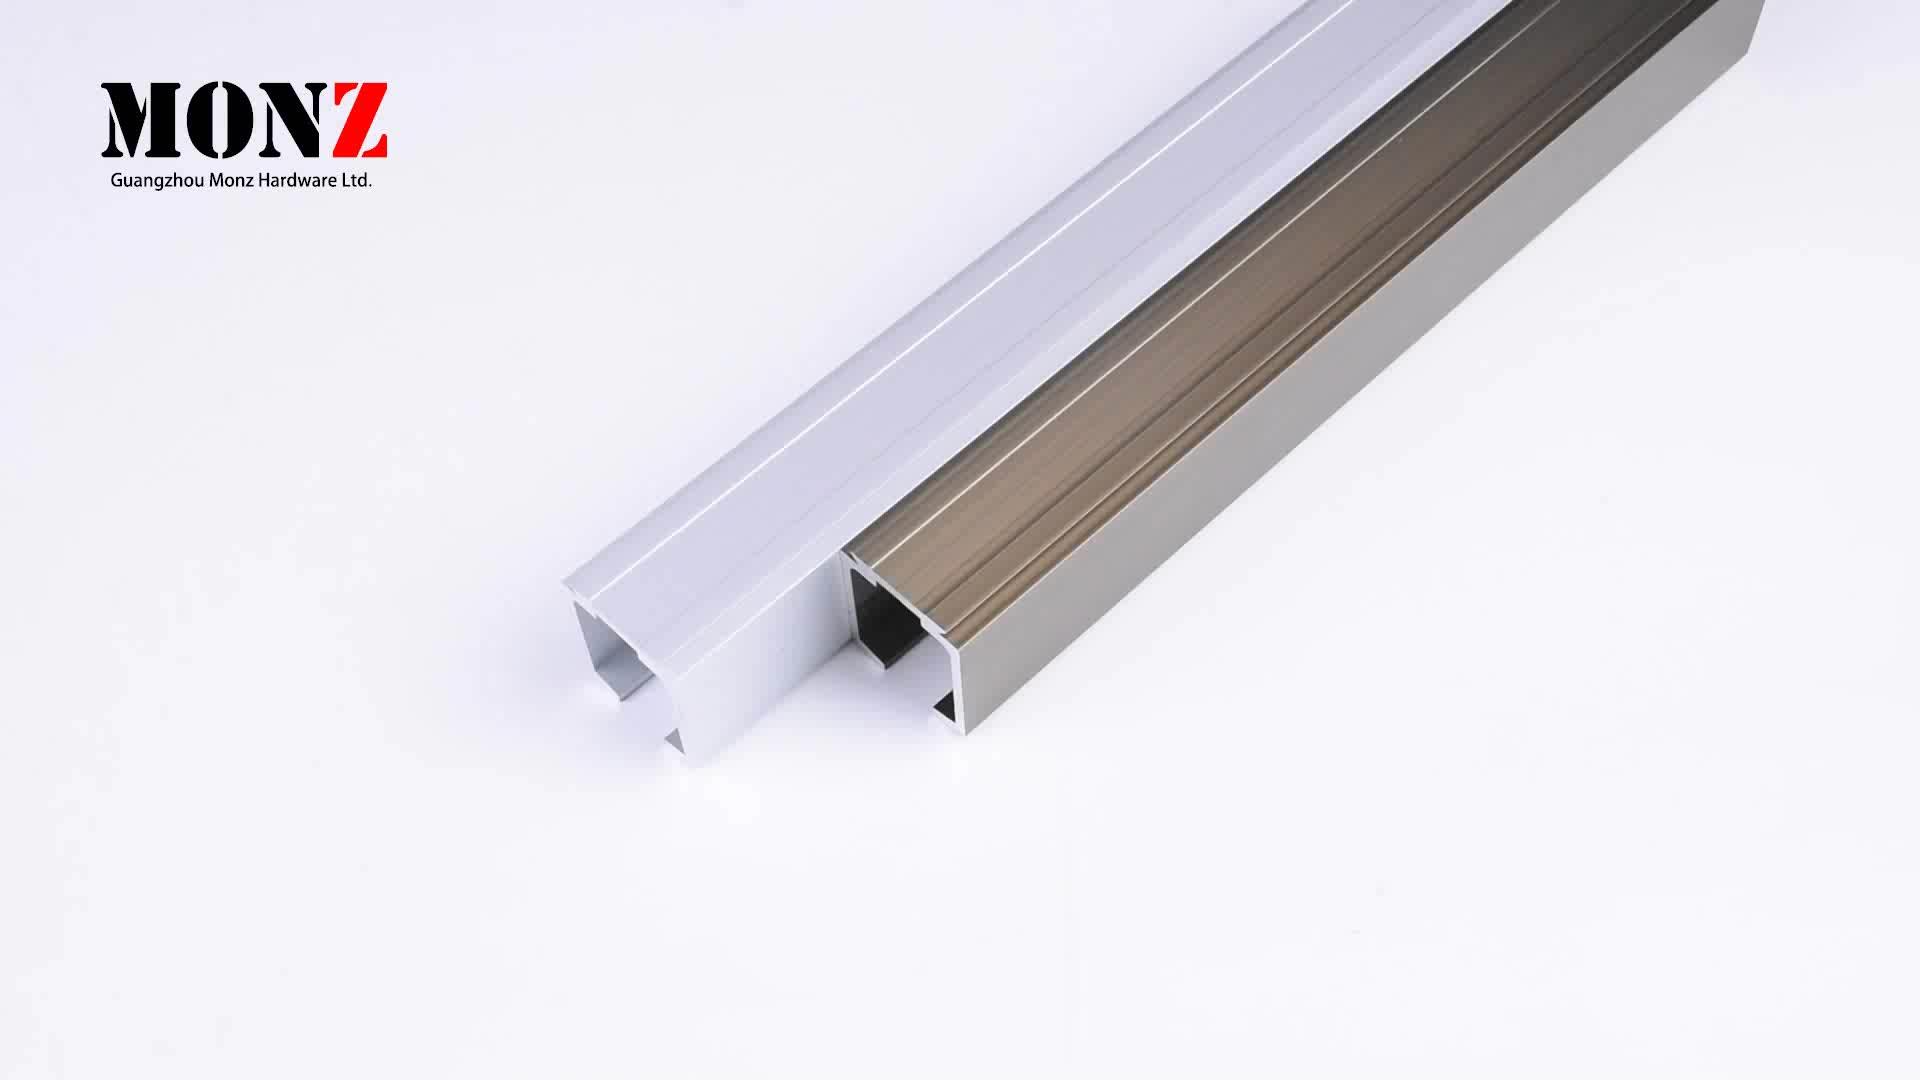 दरवाजा प्रणाली फिसलने ट्रैक ग्लास फिसलने ट्रैक तह दरवाजे हार्डवेयर स्वयं सफाई